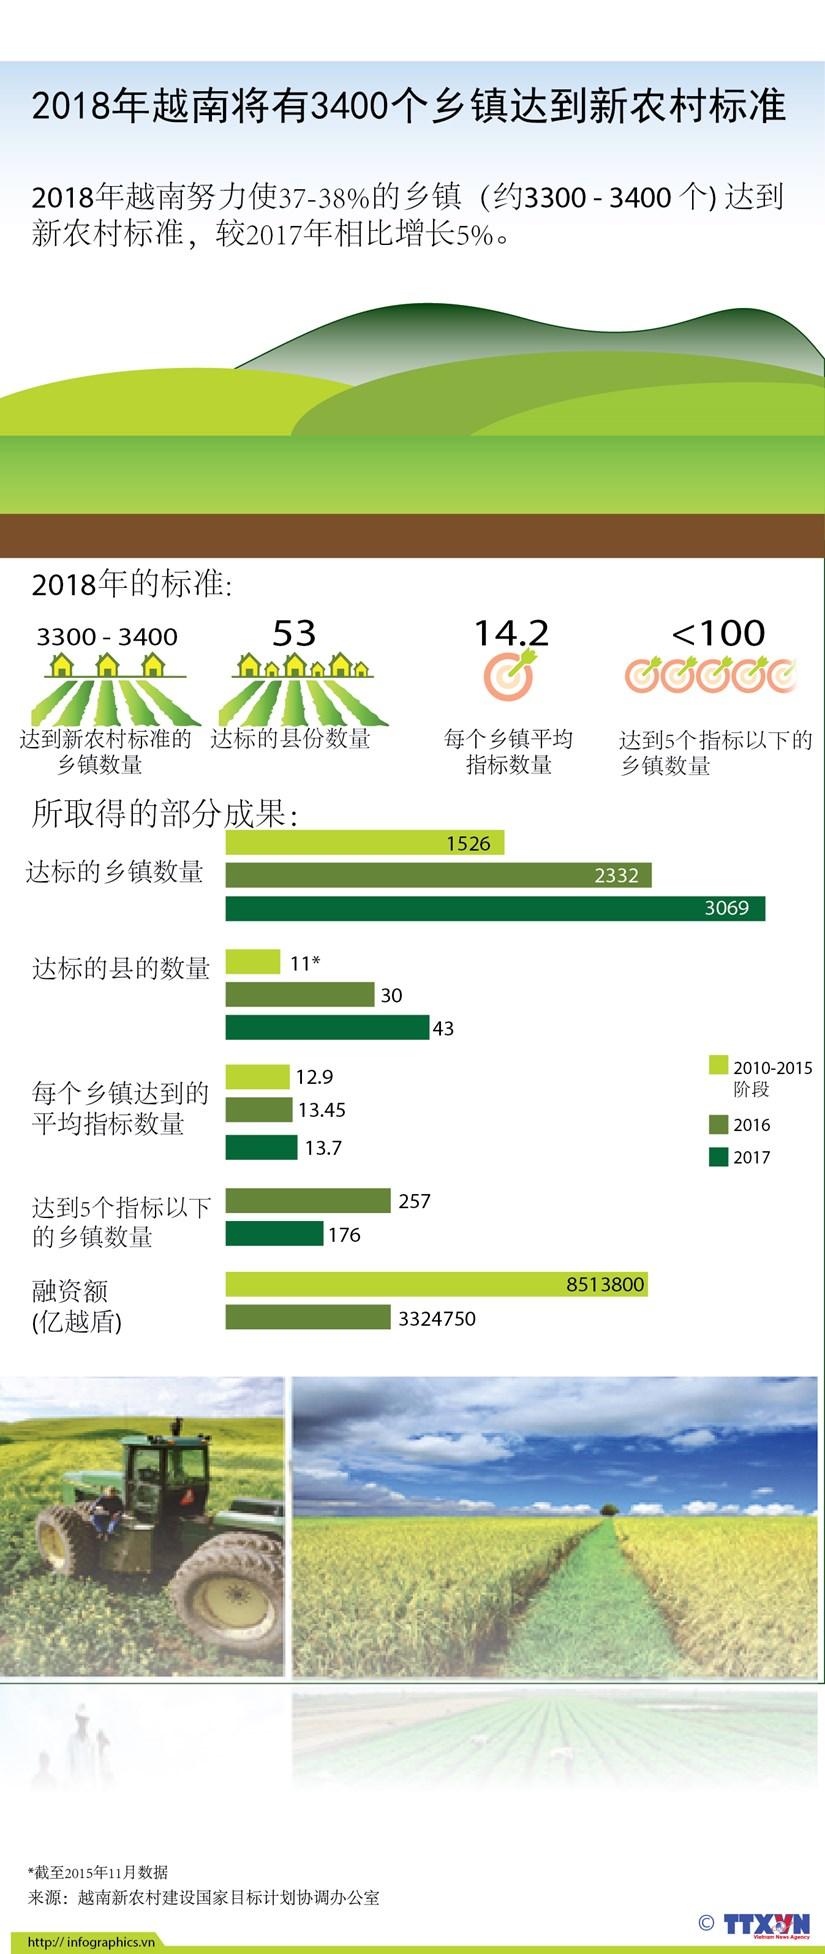 图表新闻:2018年越南将有3400个乡镇达到新农村标准 hinh anh 1